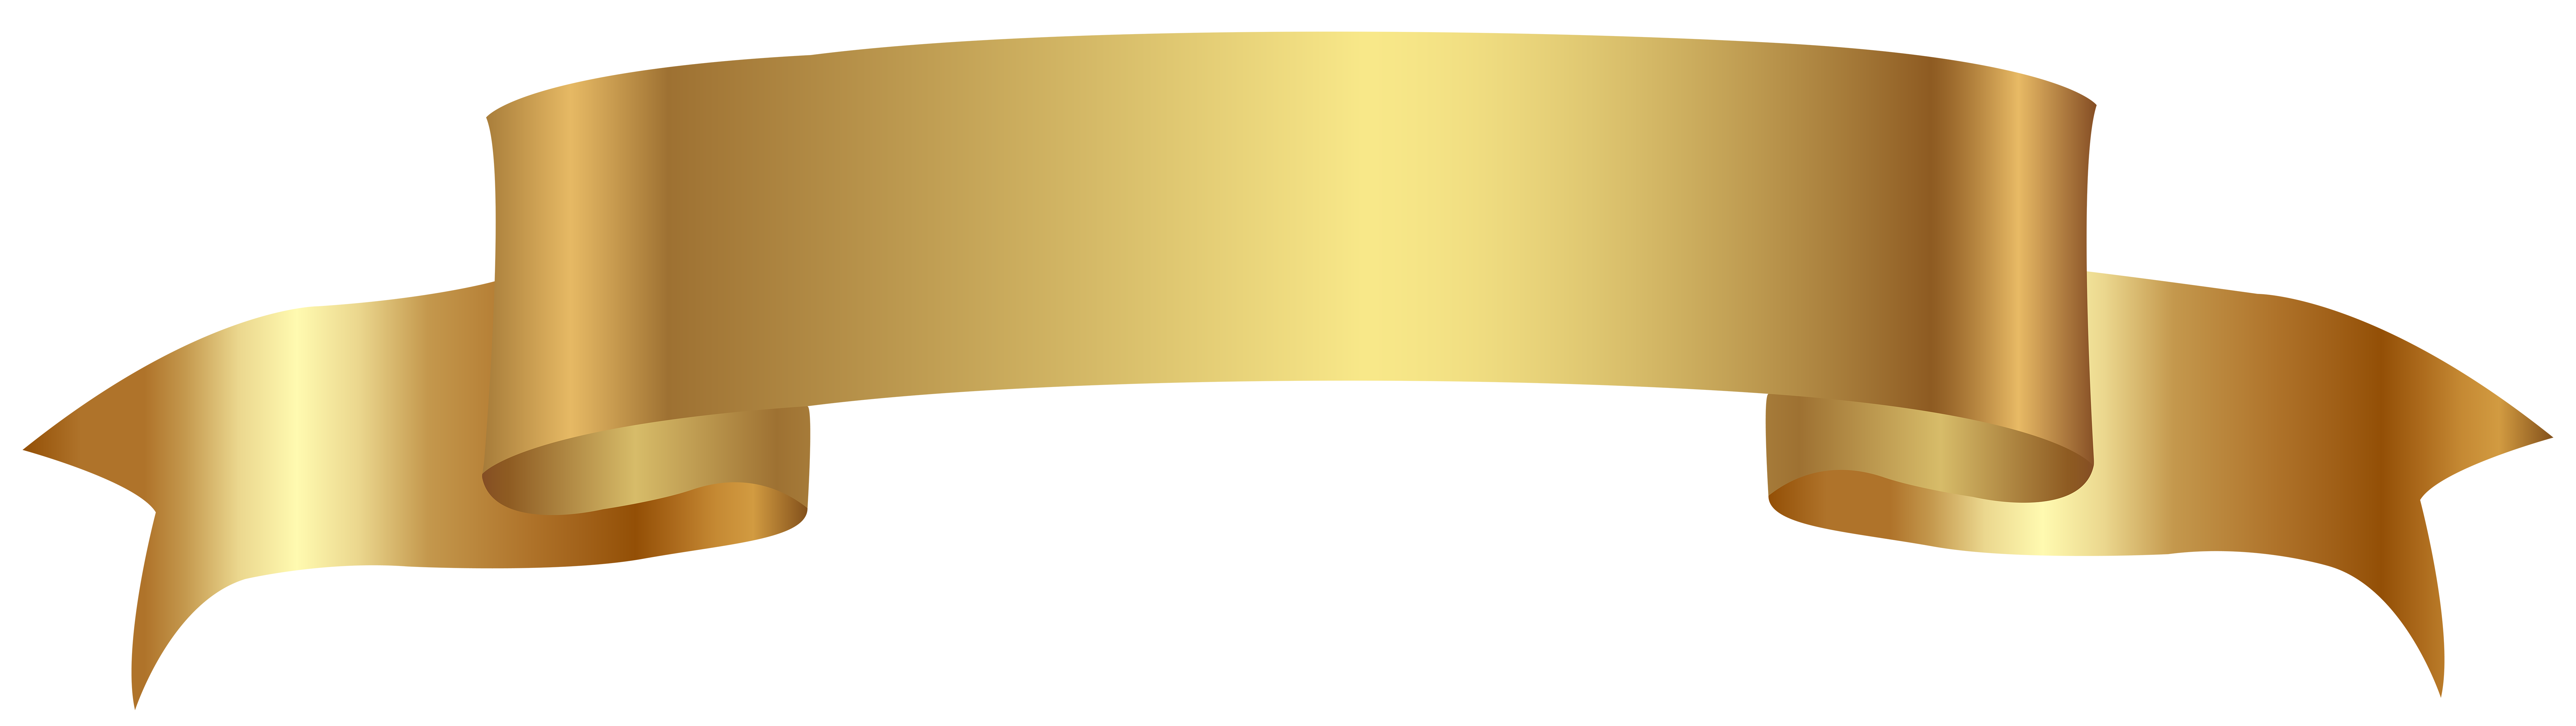 Gold Banner Transparent PNG Image.